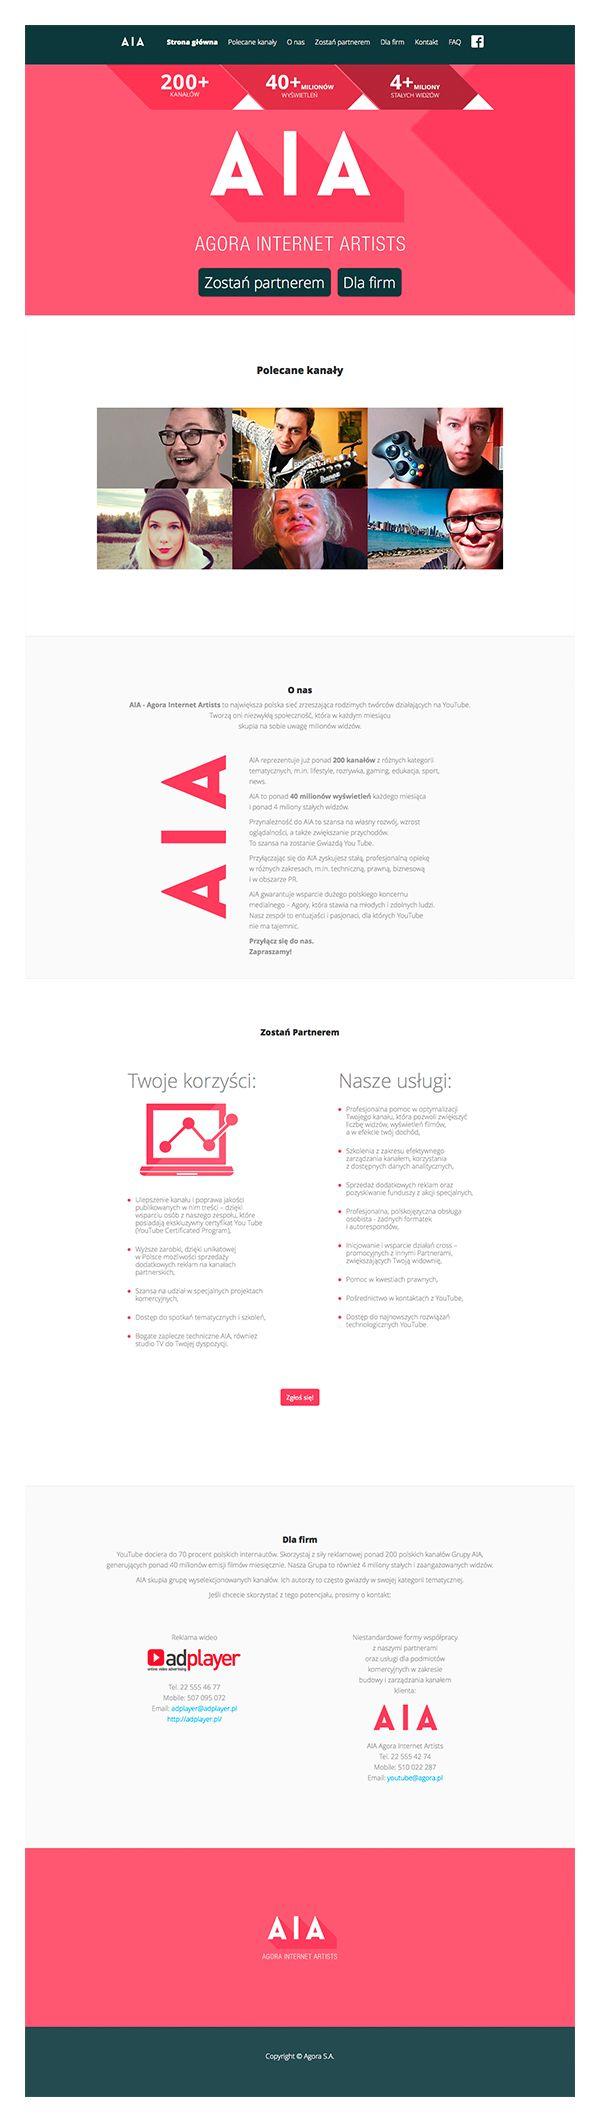 Na zlecenie Agora S.A. stworzyliśmy serwis aianetwork.pl. Strona została wykonana w technologii Responsive Web Design. Agora Internet Artist (AIA) to pierwsza i zarazem największa polska sieć zrzeszająca rodzimych twórców działających na YouTube.